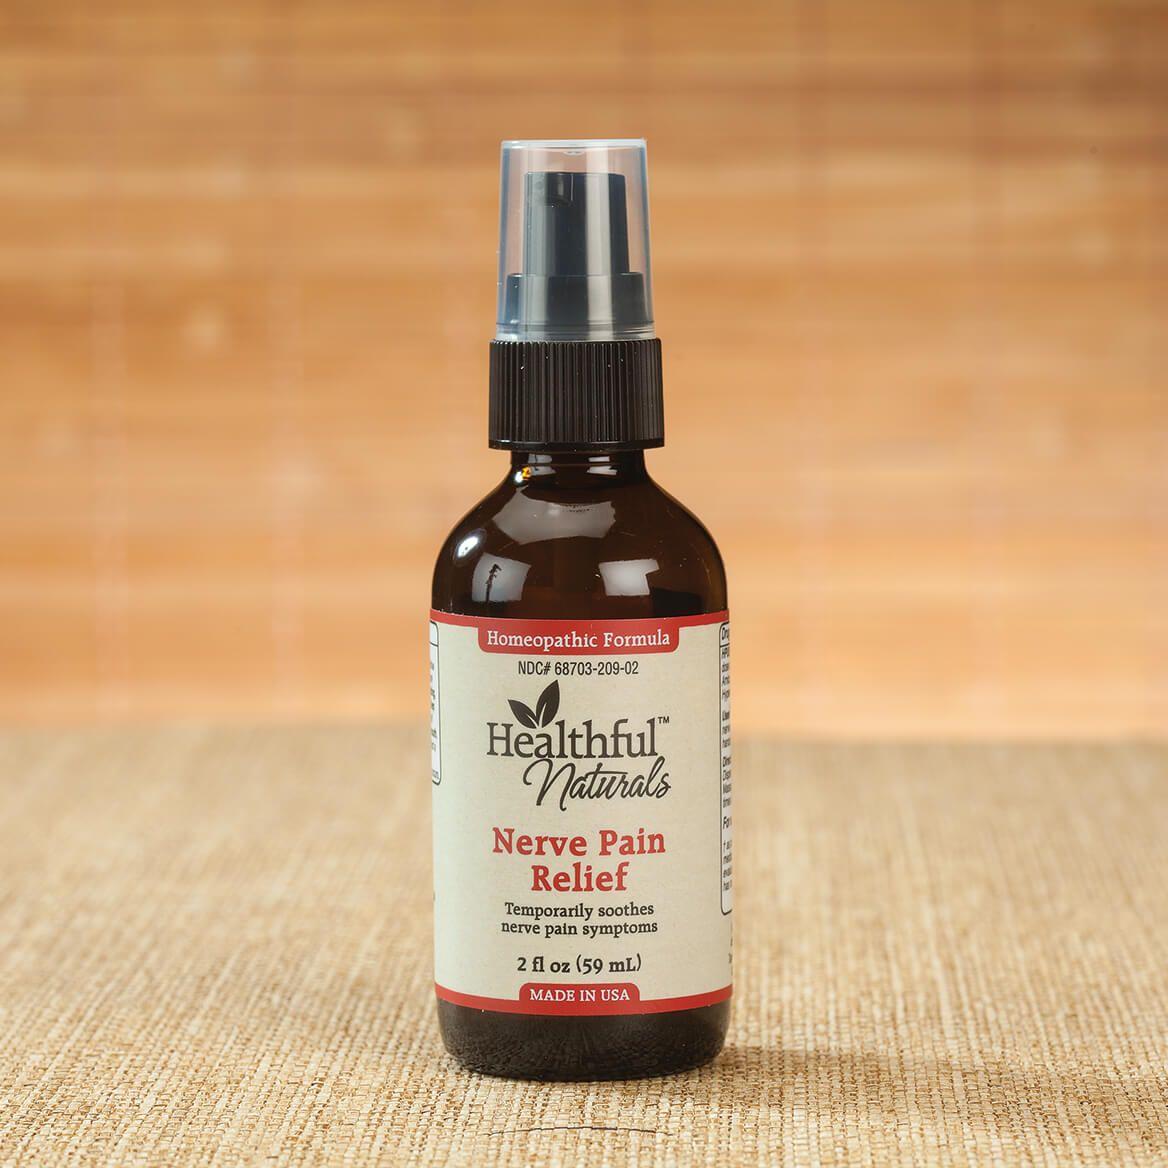 Healthful™ Naturals Nerve Pain Relief, 59 ml-357313